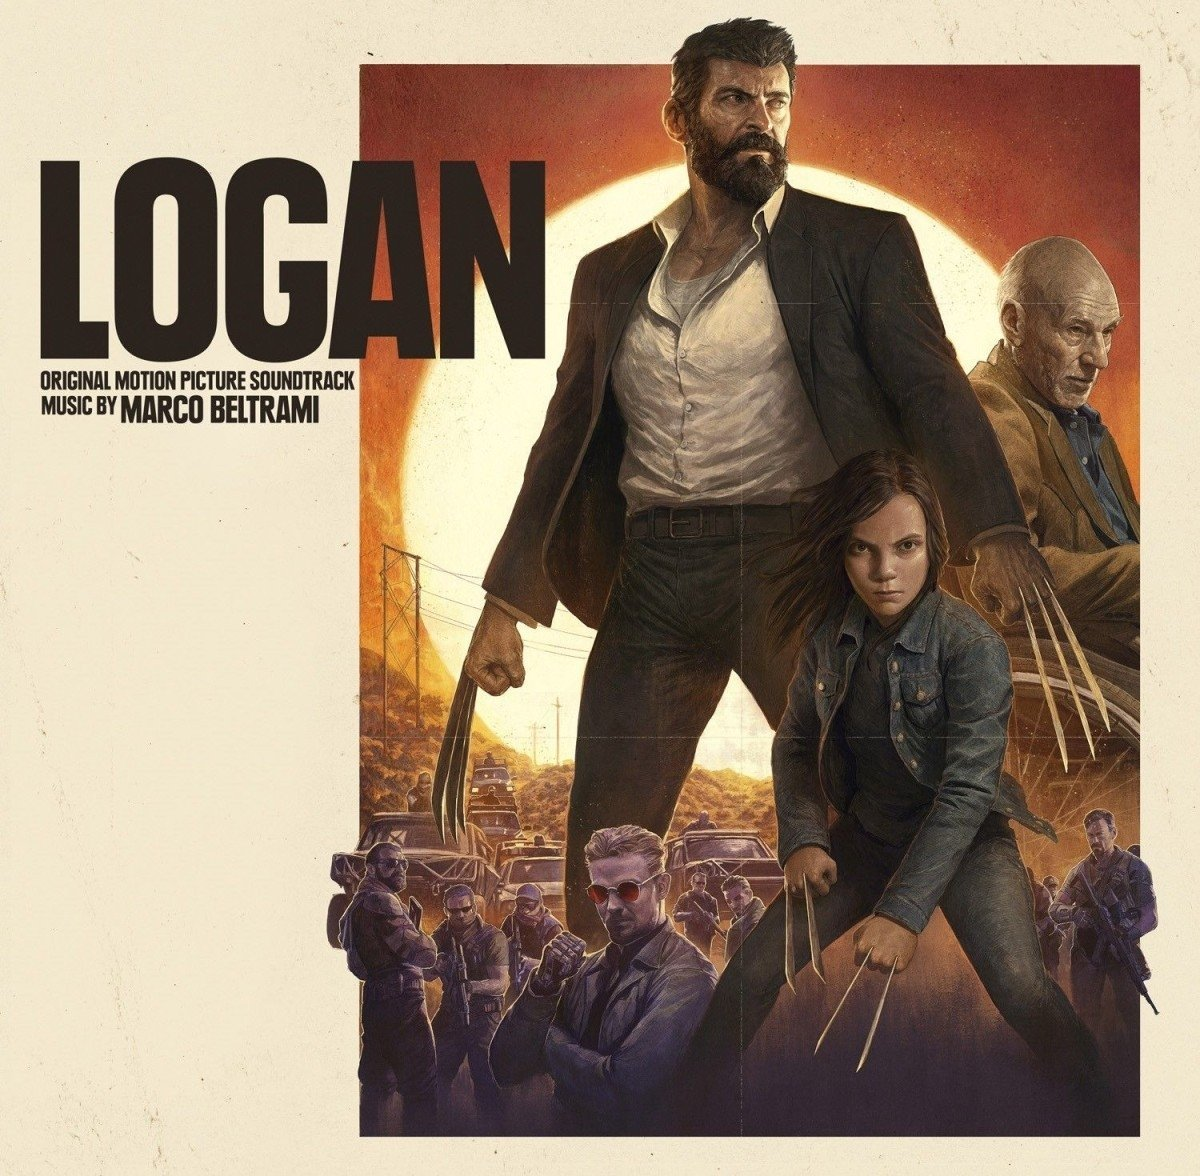 Vinilo : Soundtrack - Logan (Original Motion Picture Soundtrack) (2 Disc)